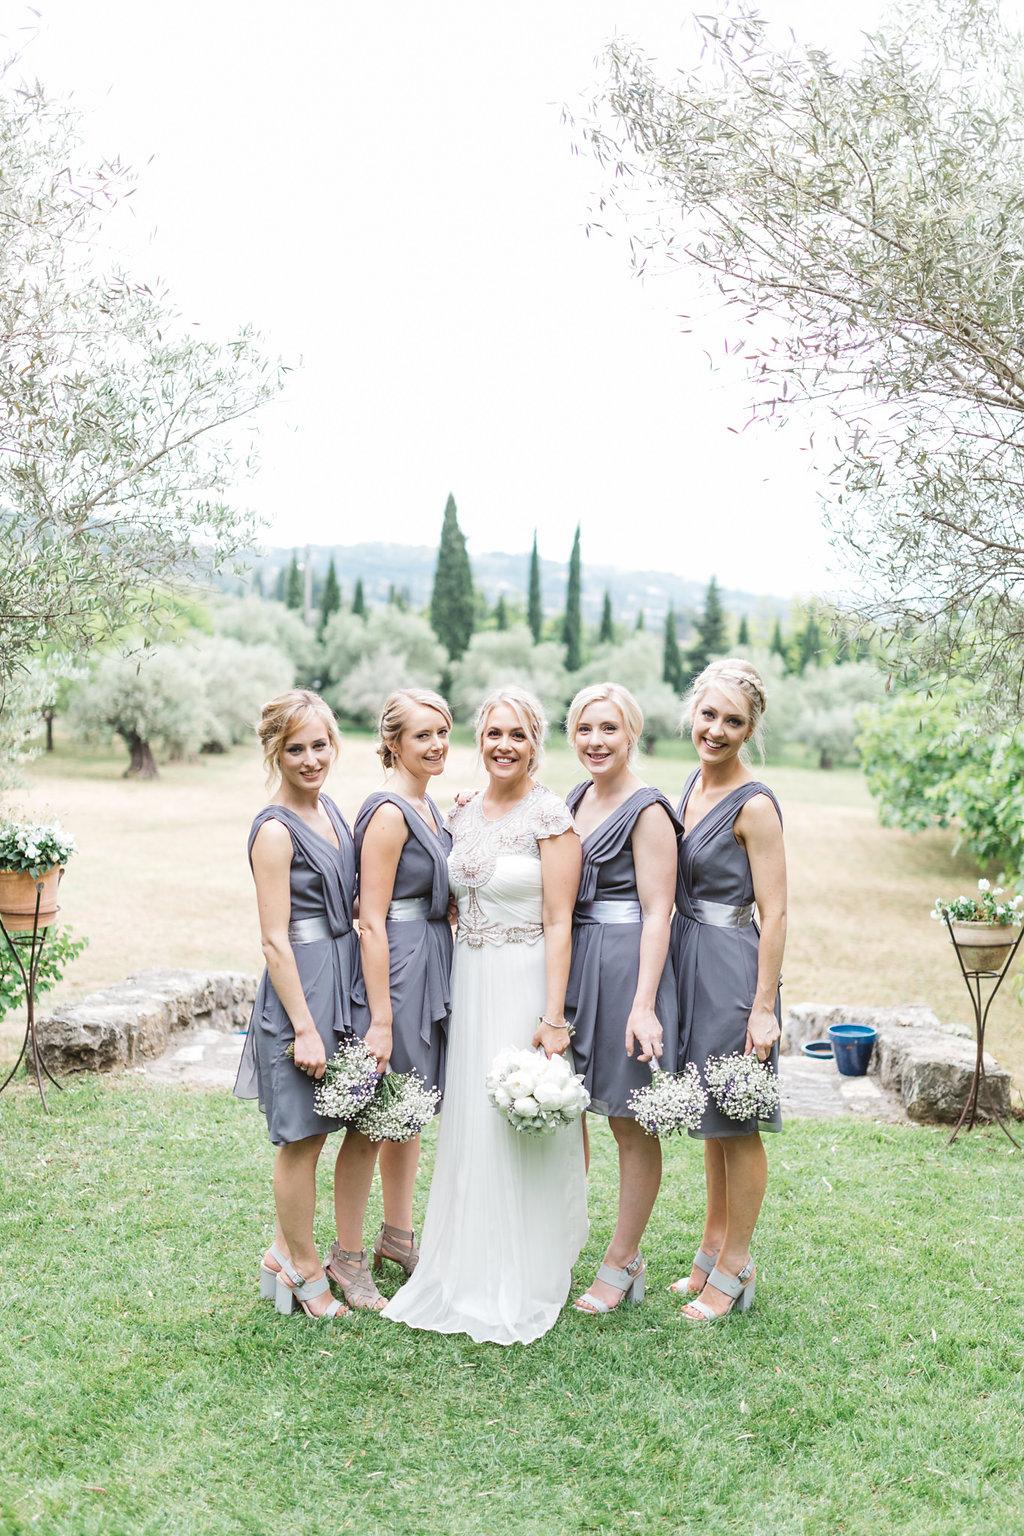 Gwendolynne-Hope_wedding_dress_moya10.jpg